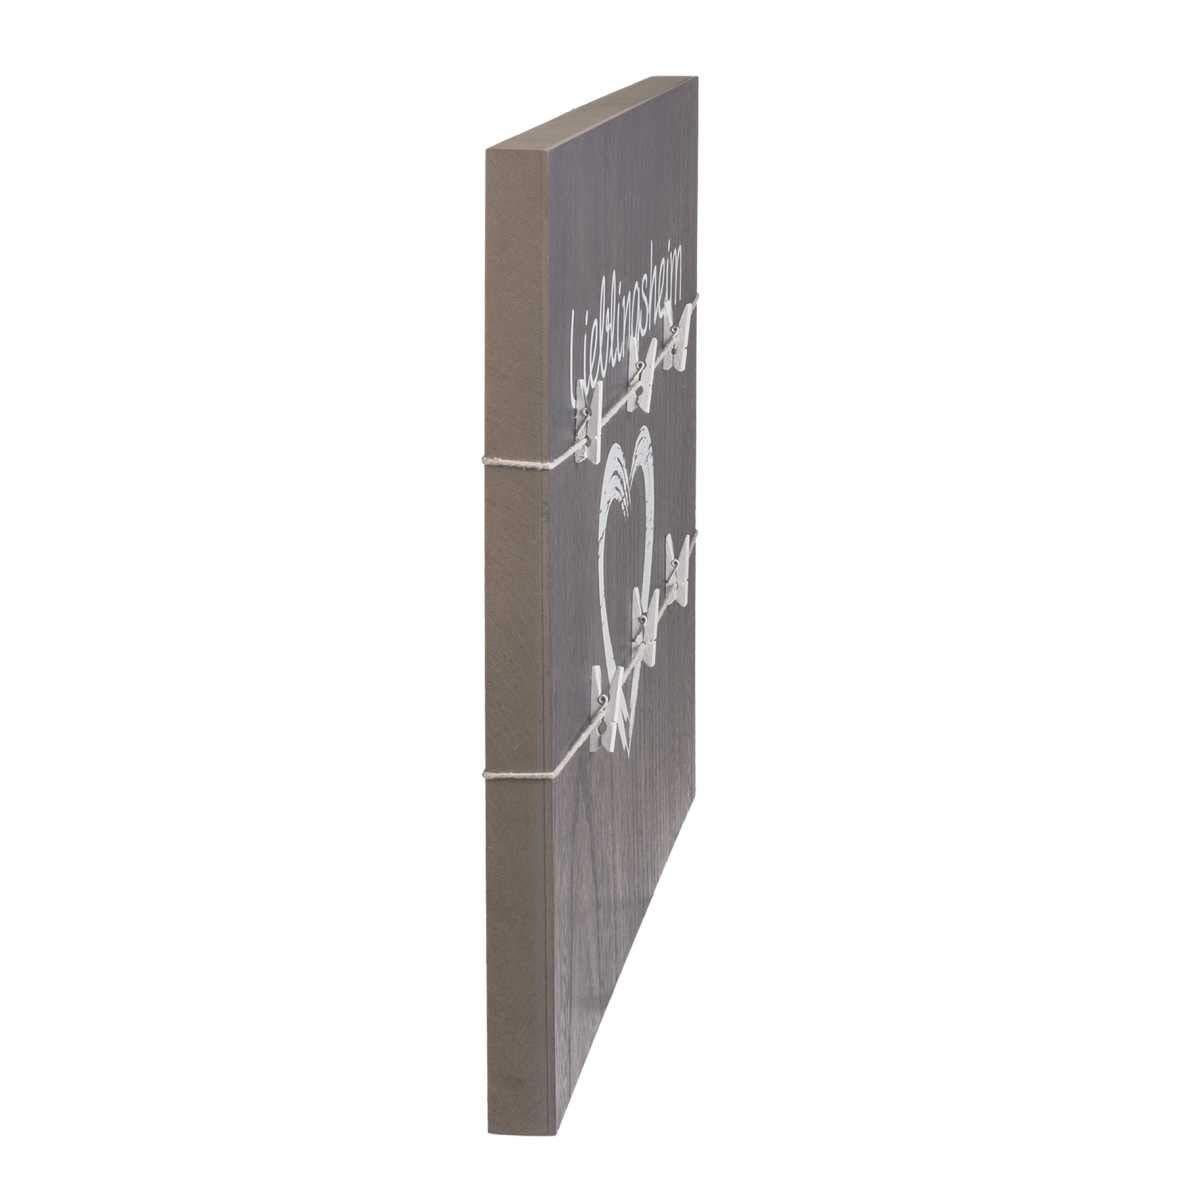 OOTB graues Holz-Board Lieblingsheim 220044 Ca.40x40cm mit 2 B/änder /& 6 Klammern